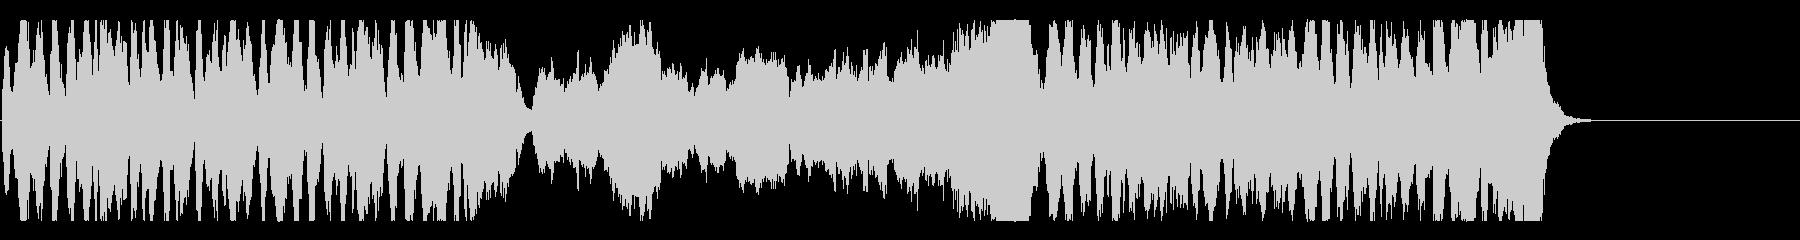 ワクワクするオーケストラBGMの未再生の波形